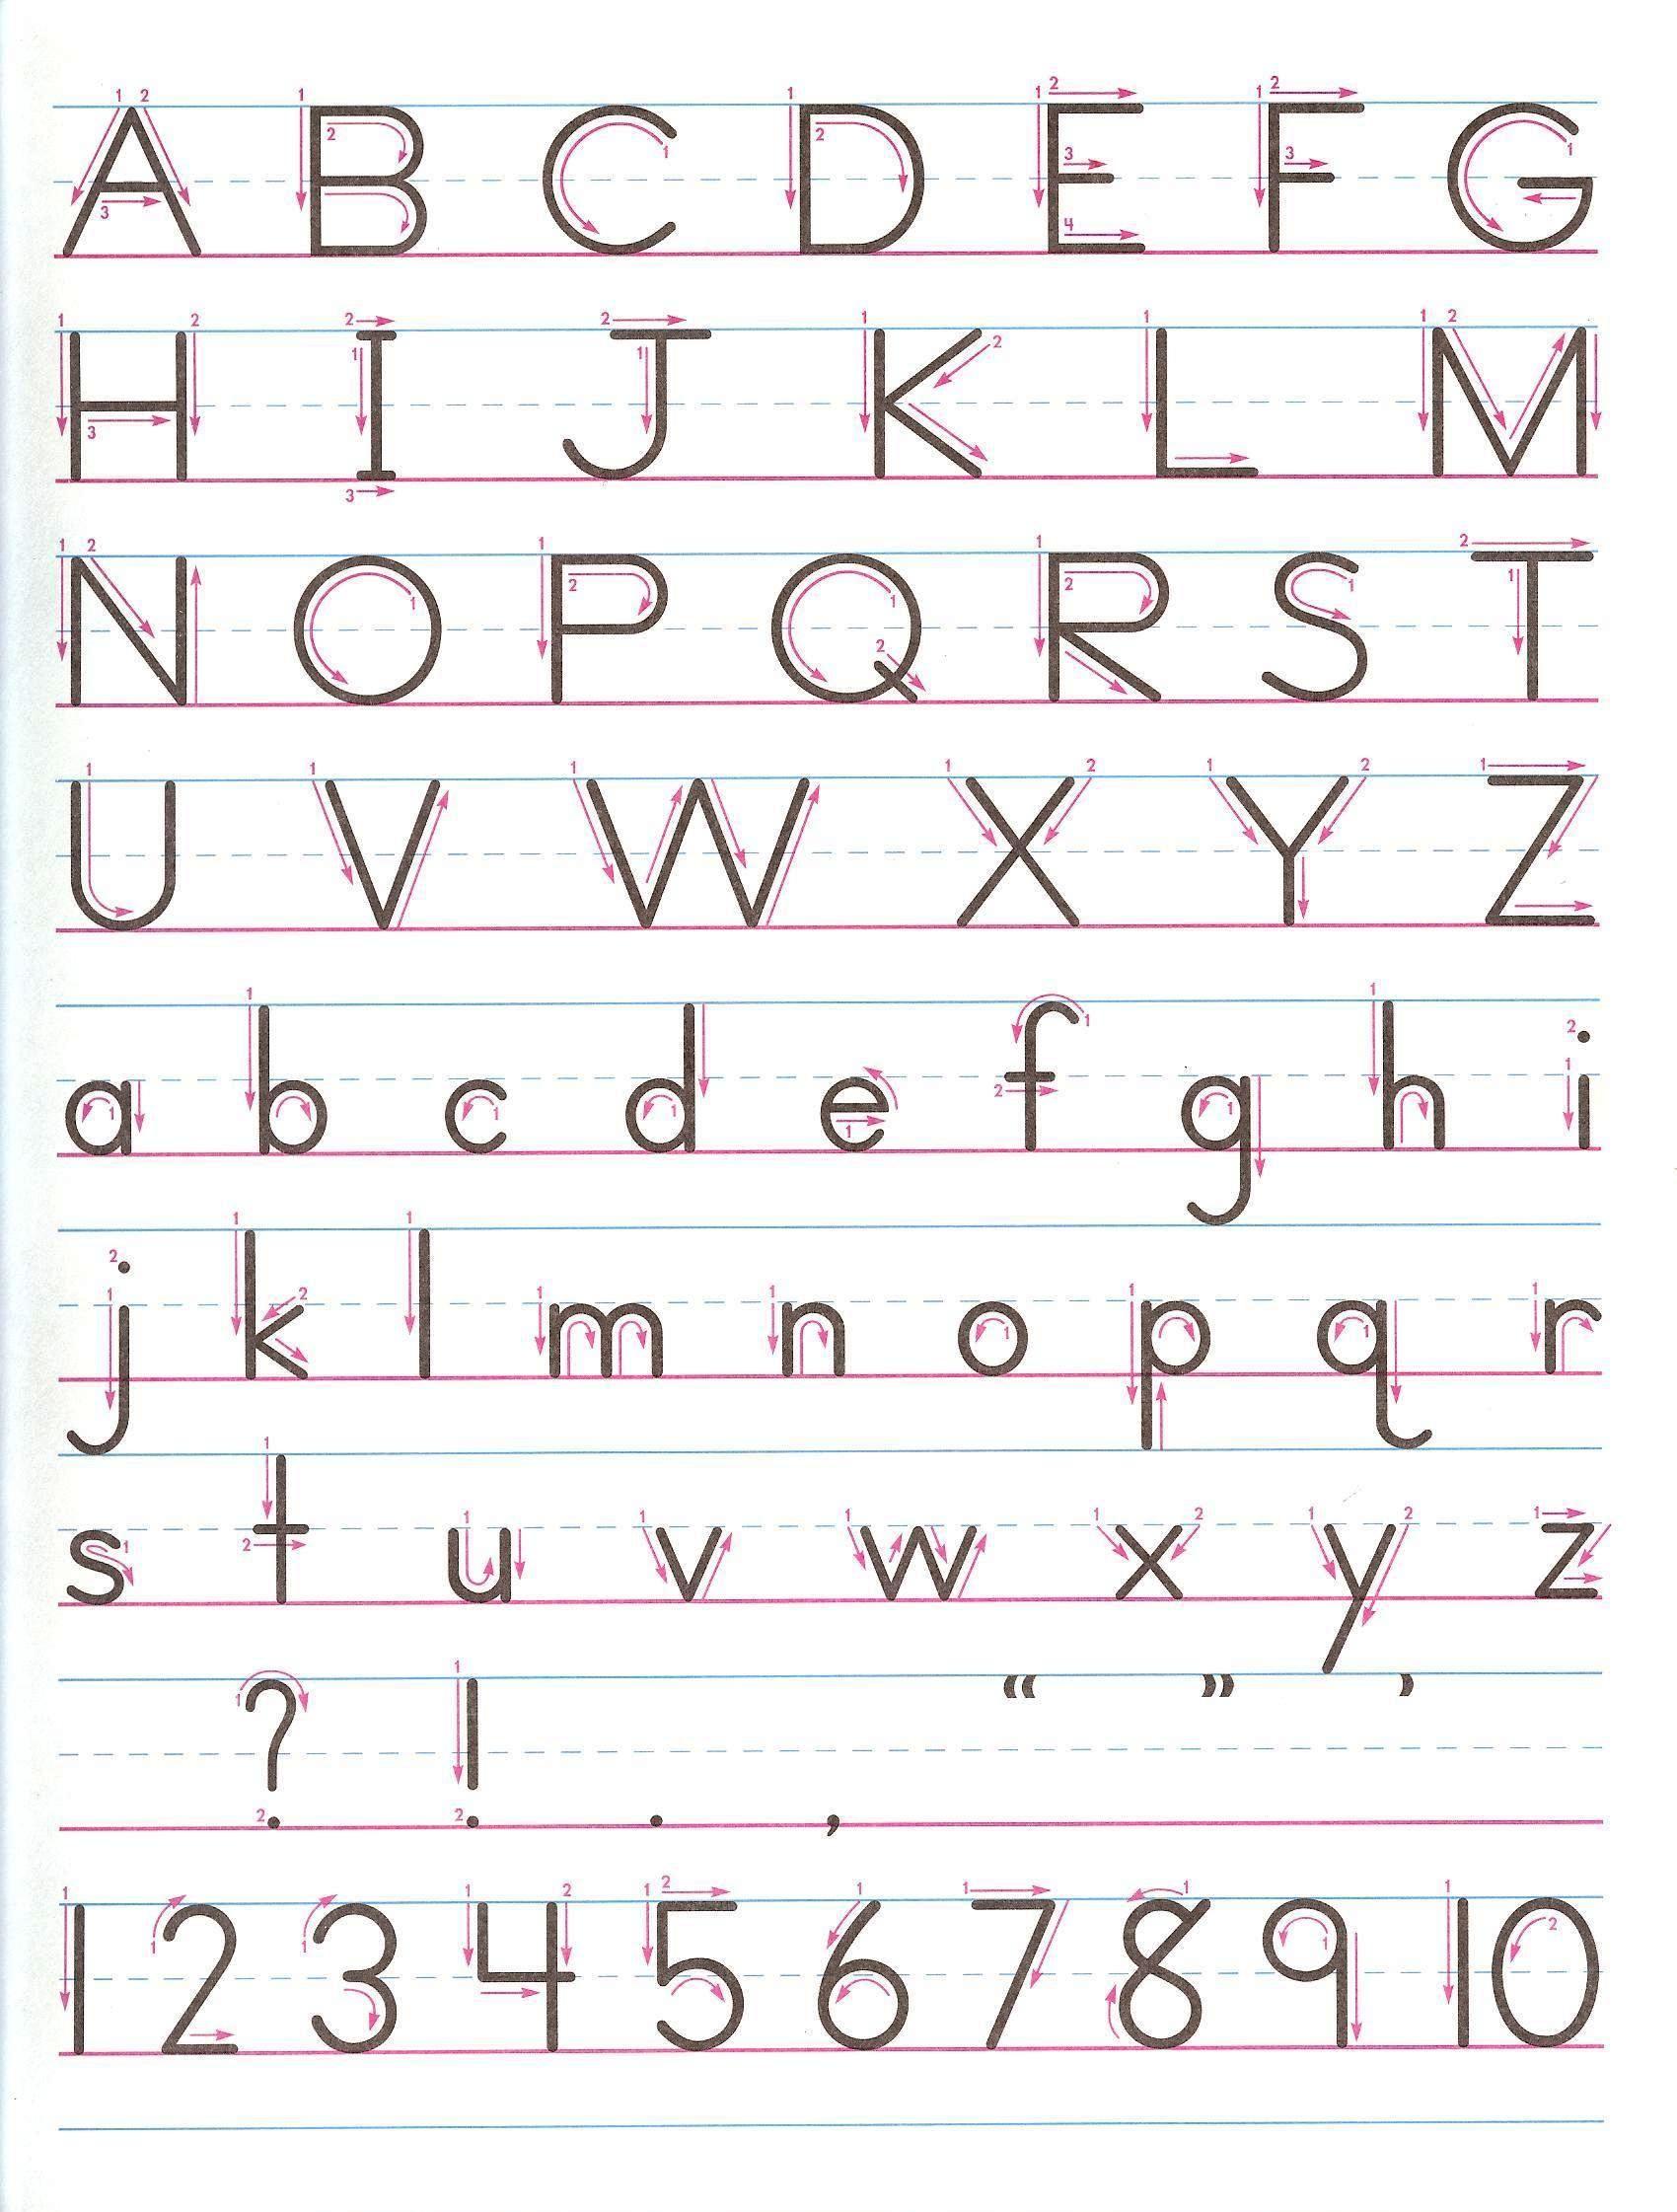 Zaner Bloser Handwriting Chart Printable